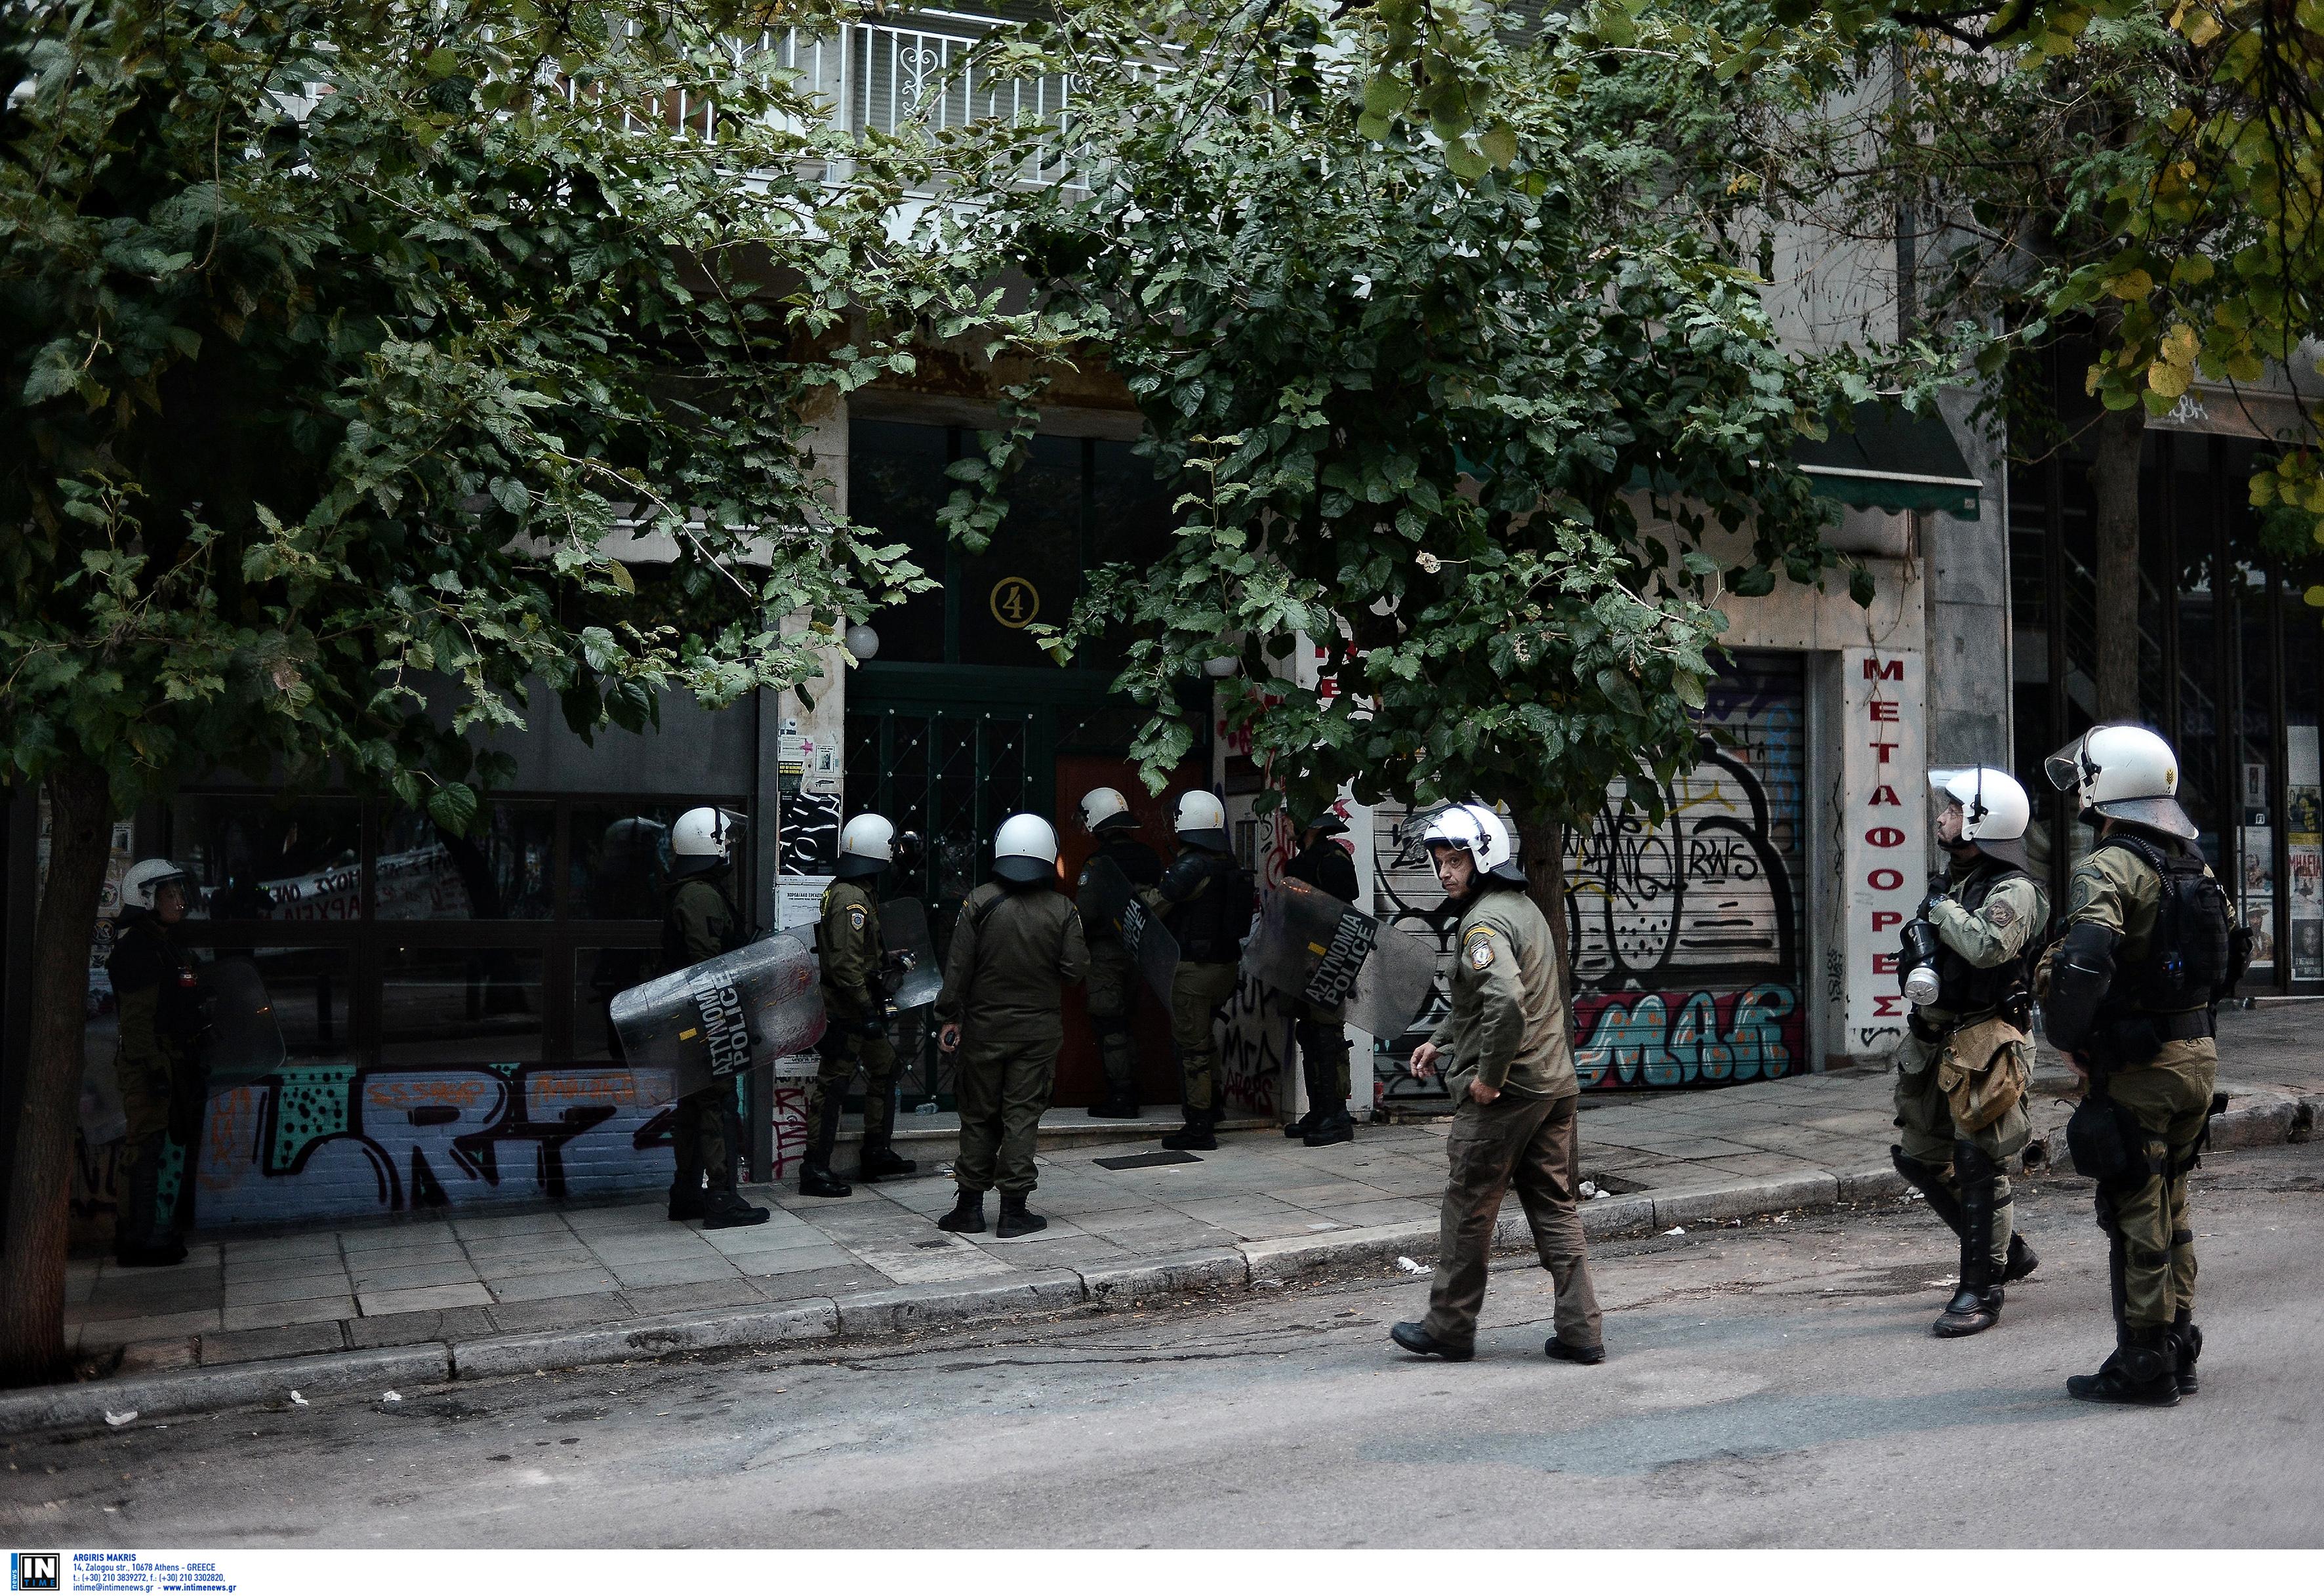 «Μέχρι το άβατο να γίνει γειτονιά, τα ΜΑΤ θα υπάρχουν» - Η απάντηση Χρυσοχοΐδη για τα Εξάρχεια στον ΣΥΡΙΖΑ